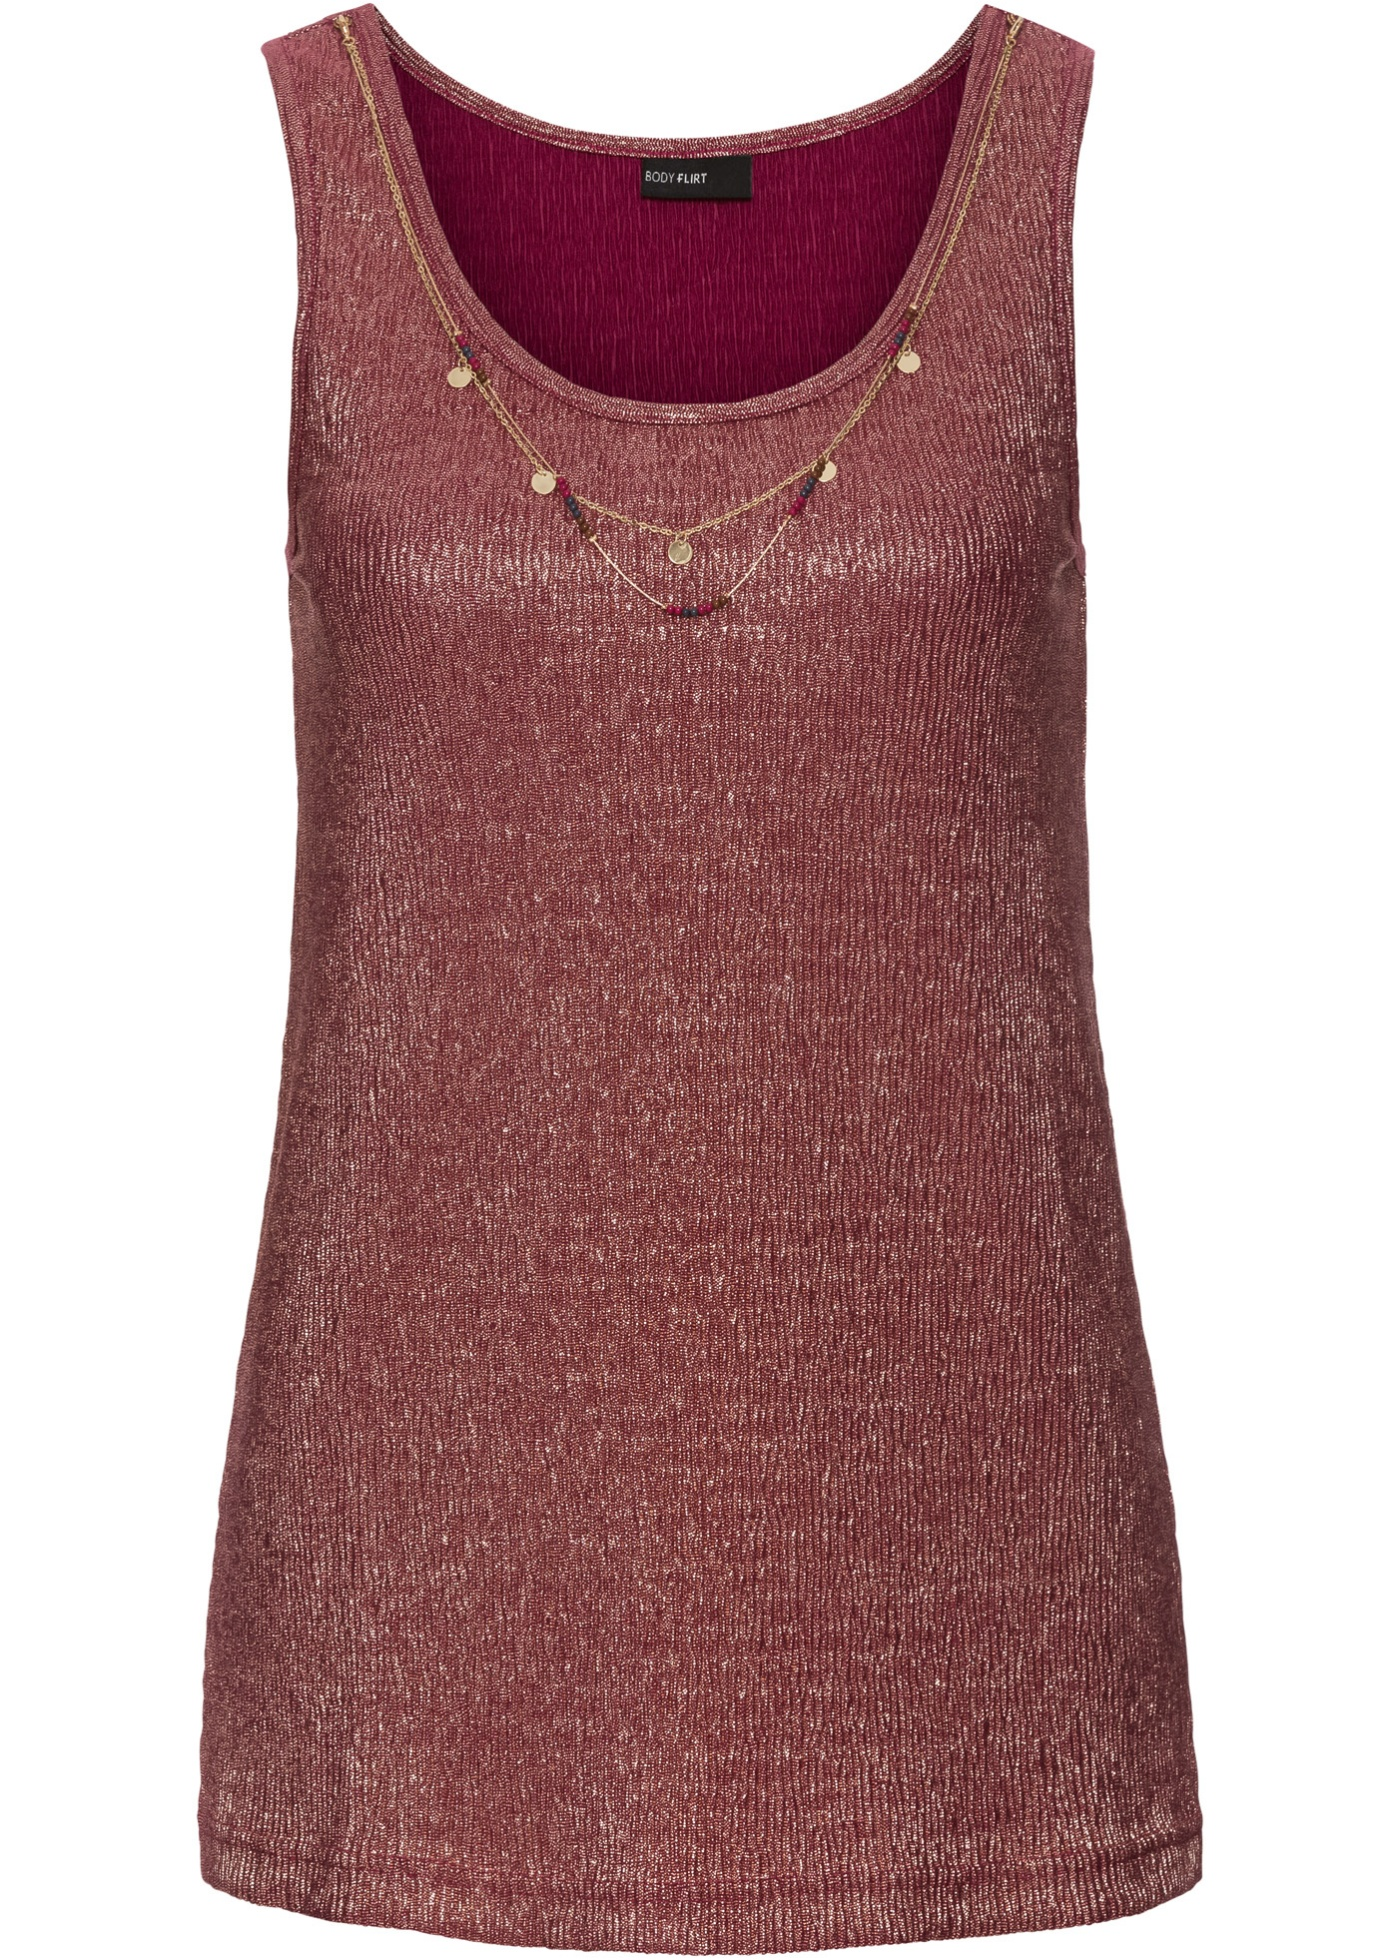 """Joli top brillant agrémenté d""""un collier à l""""encolure pour le détail original. Long. env. 64 cm."""